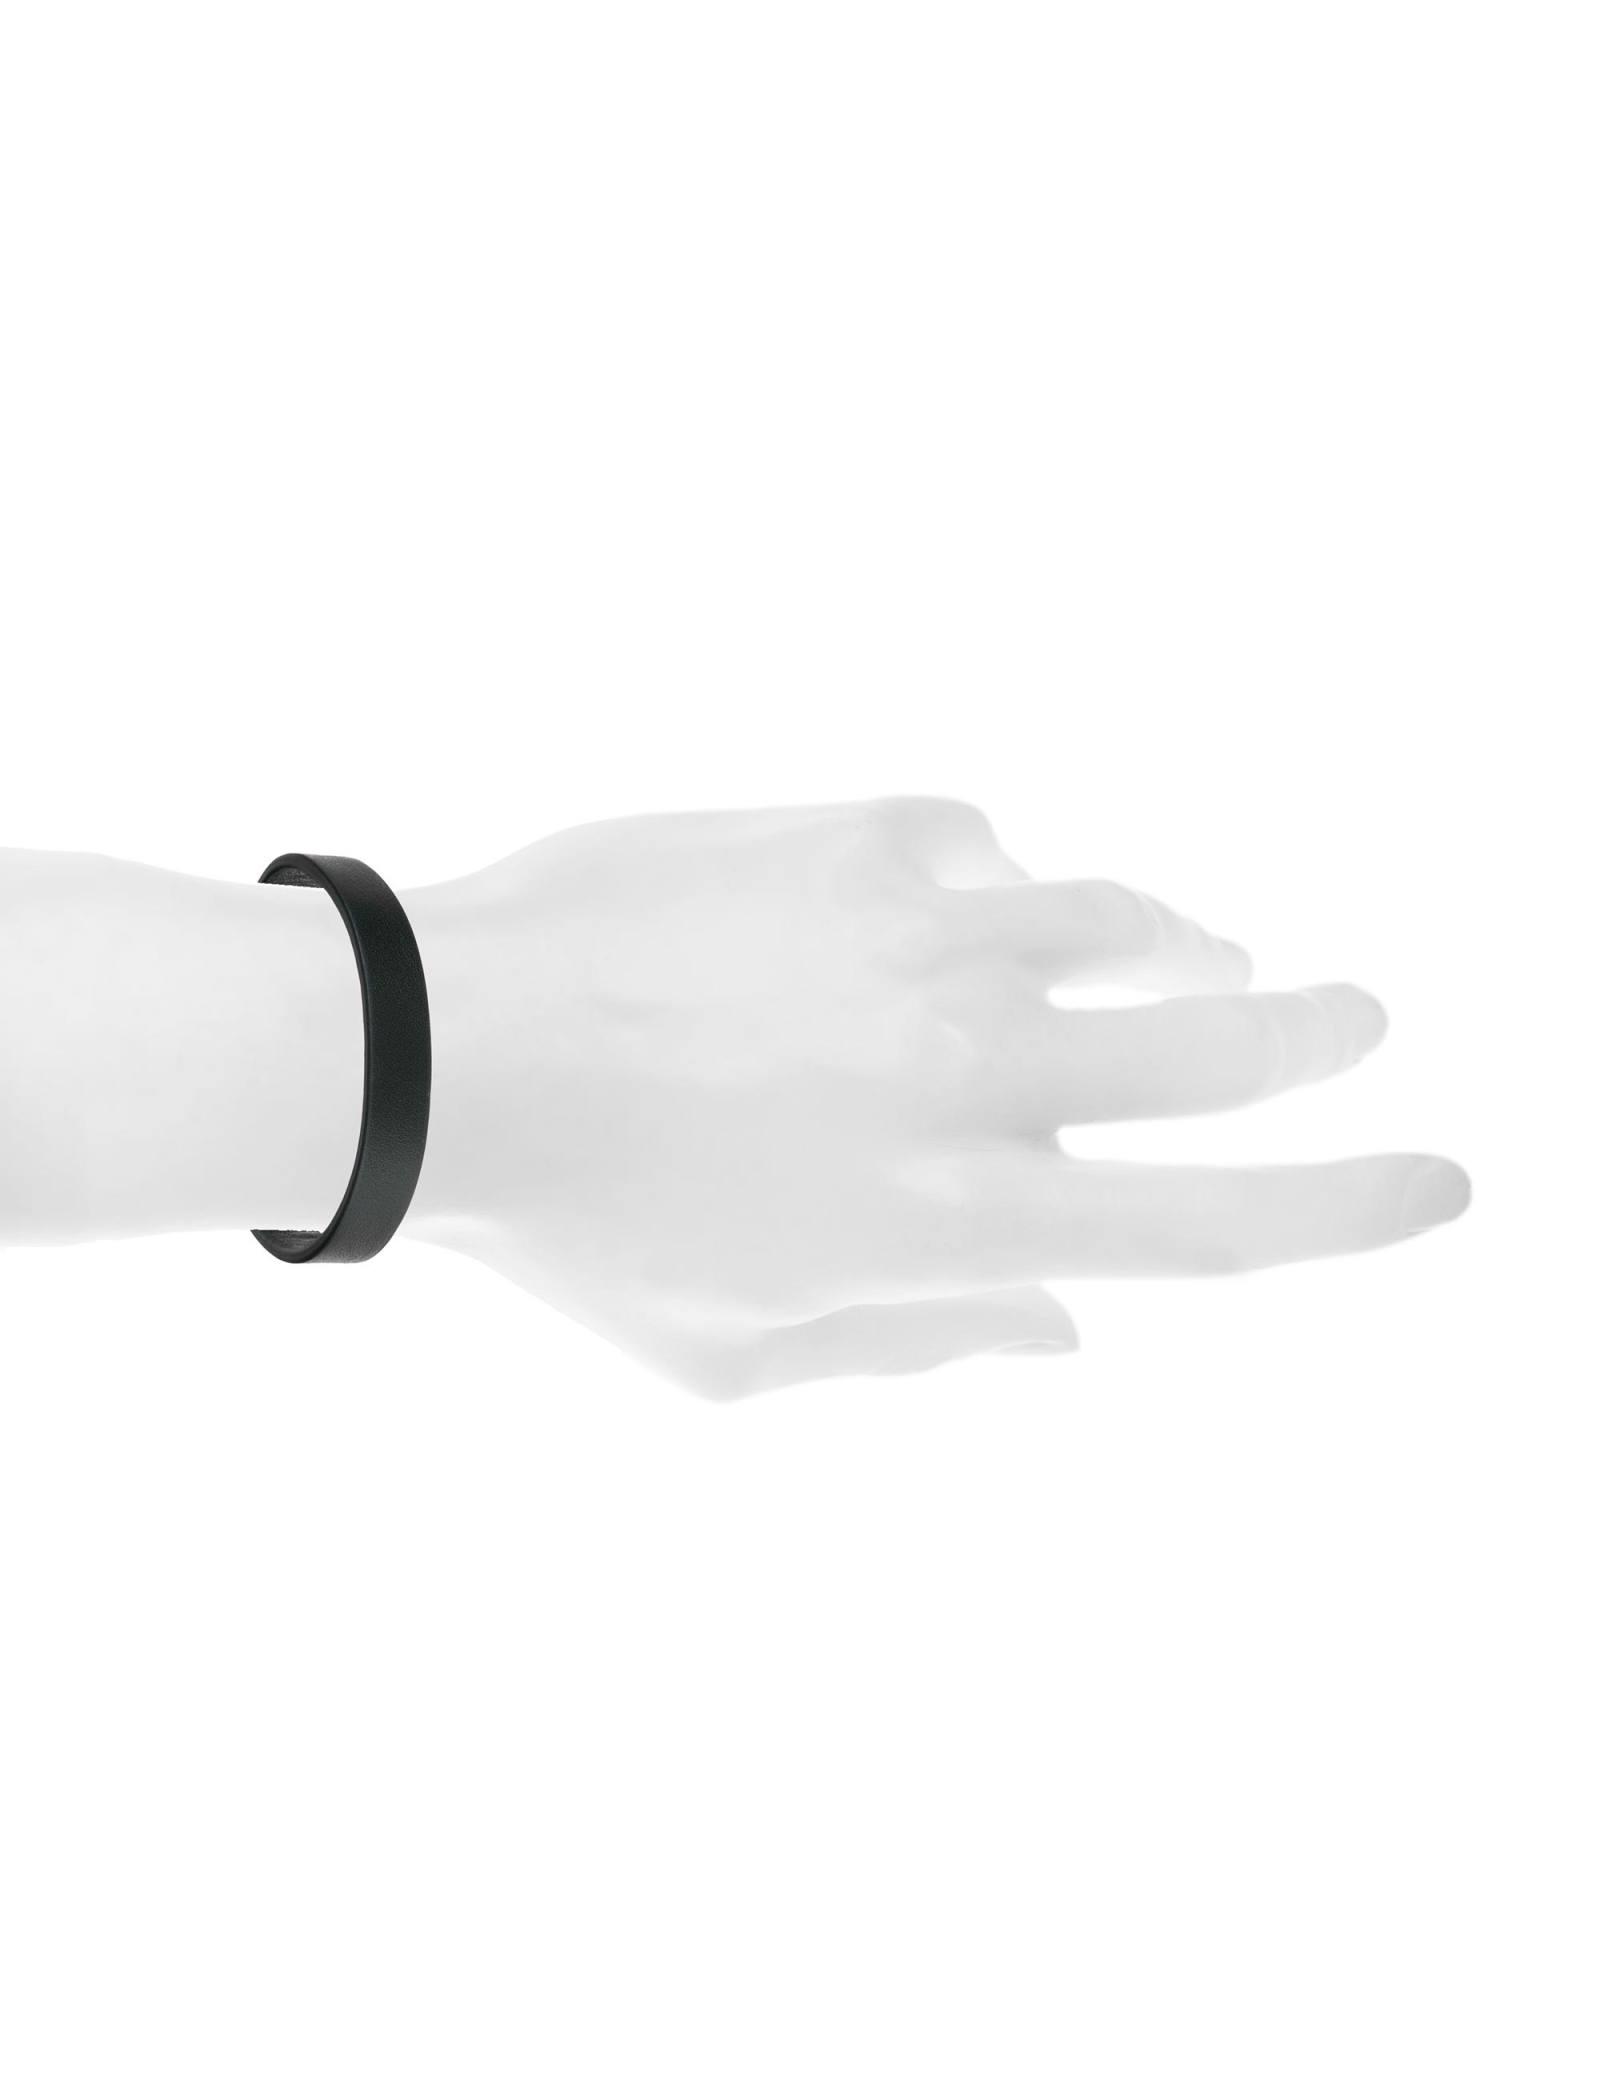 دستبند چرم بزرگسال - عالیخان سایز S - مشکي - 4